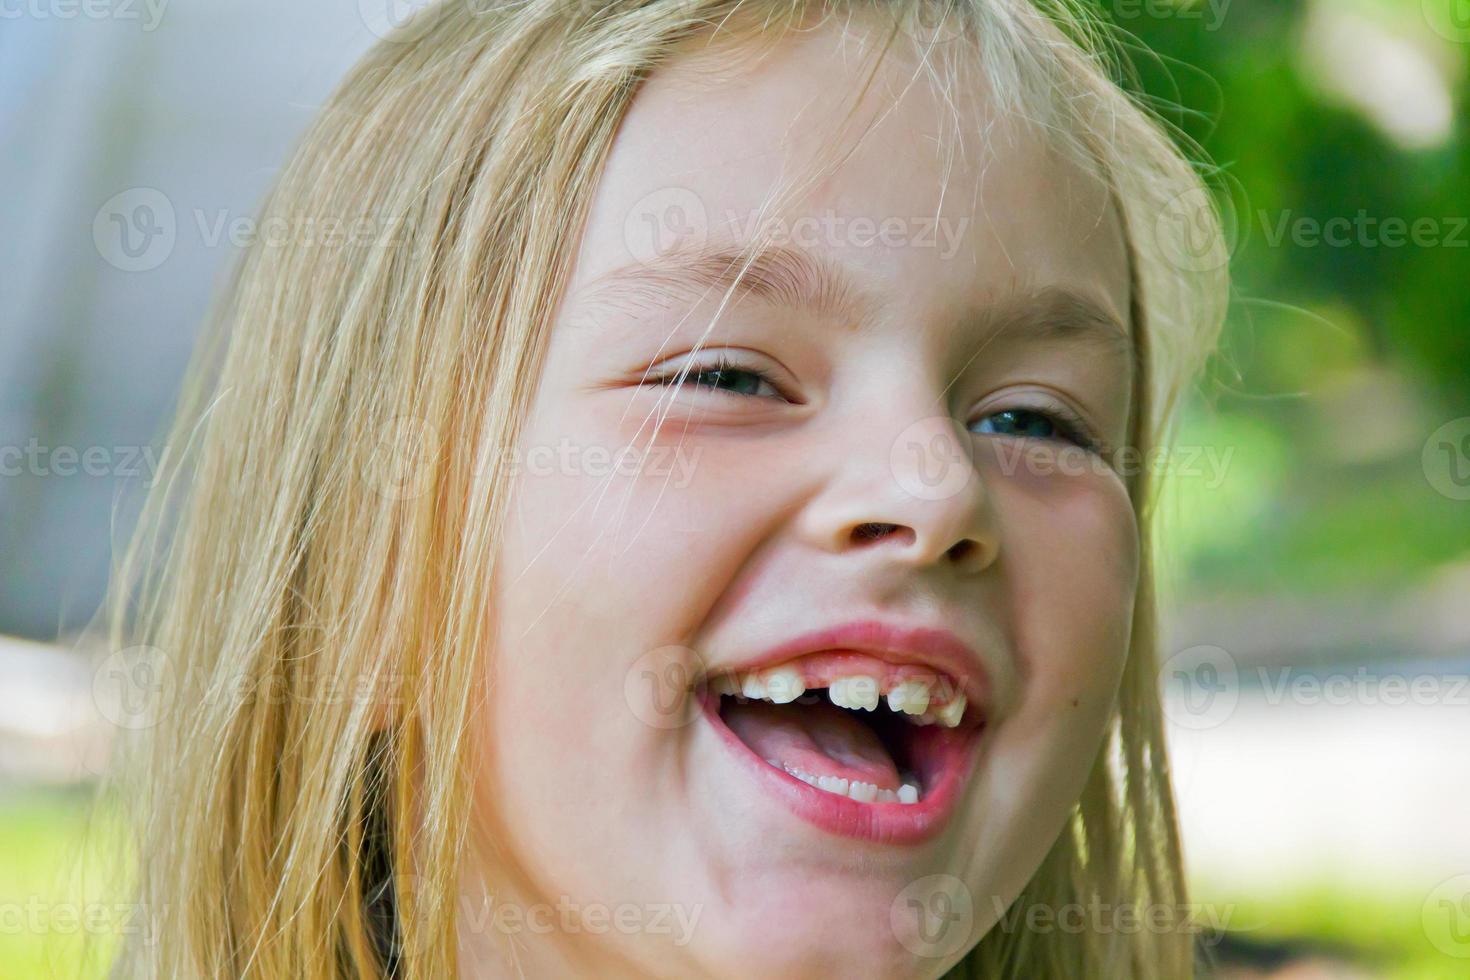 söt leende flicka foto